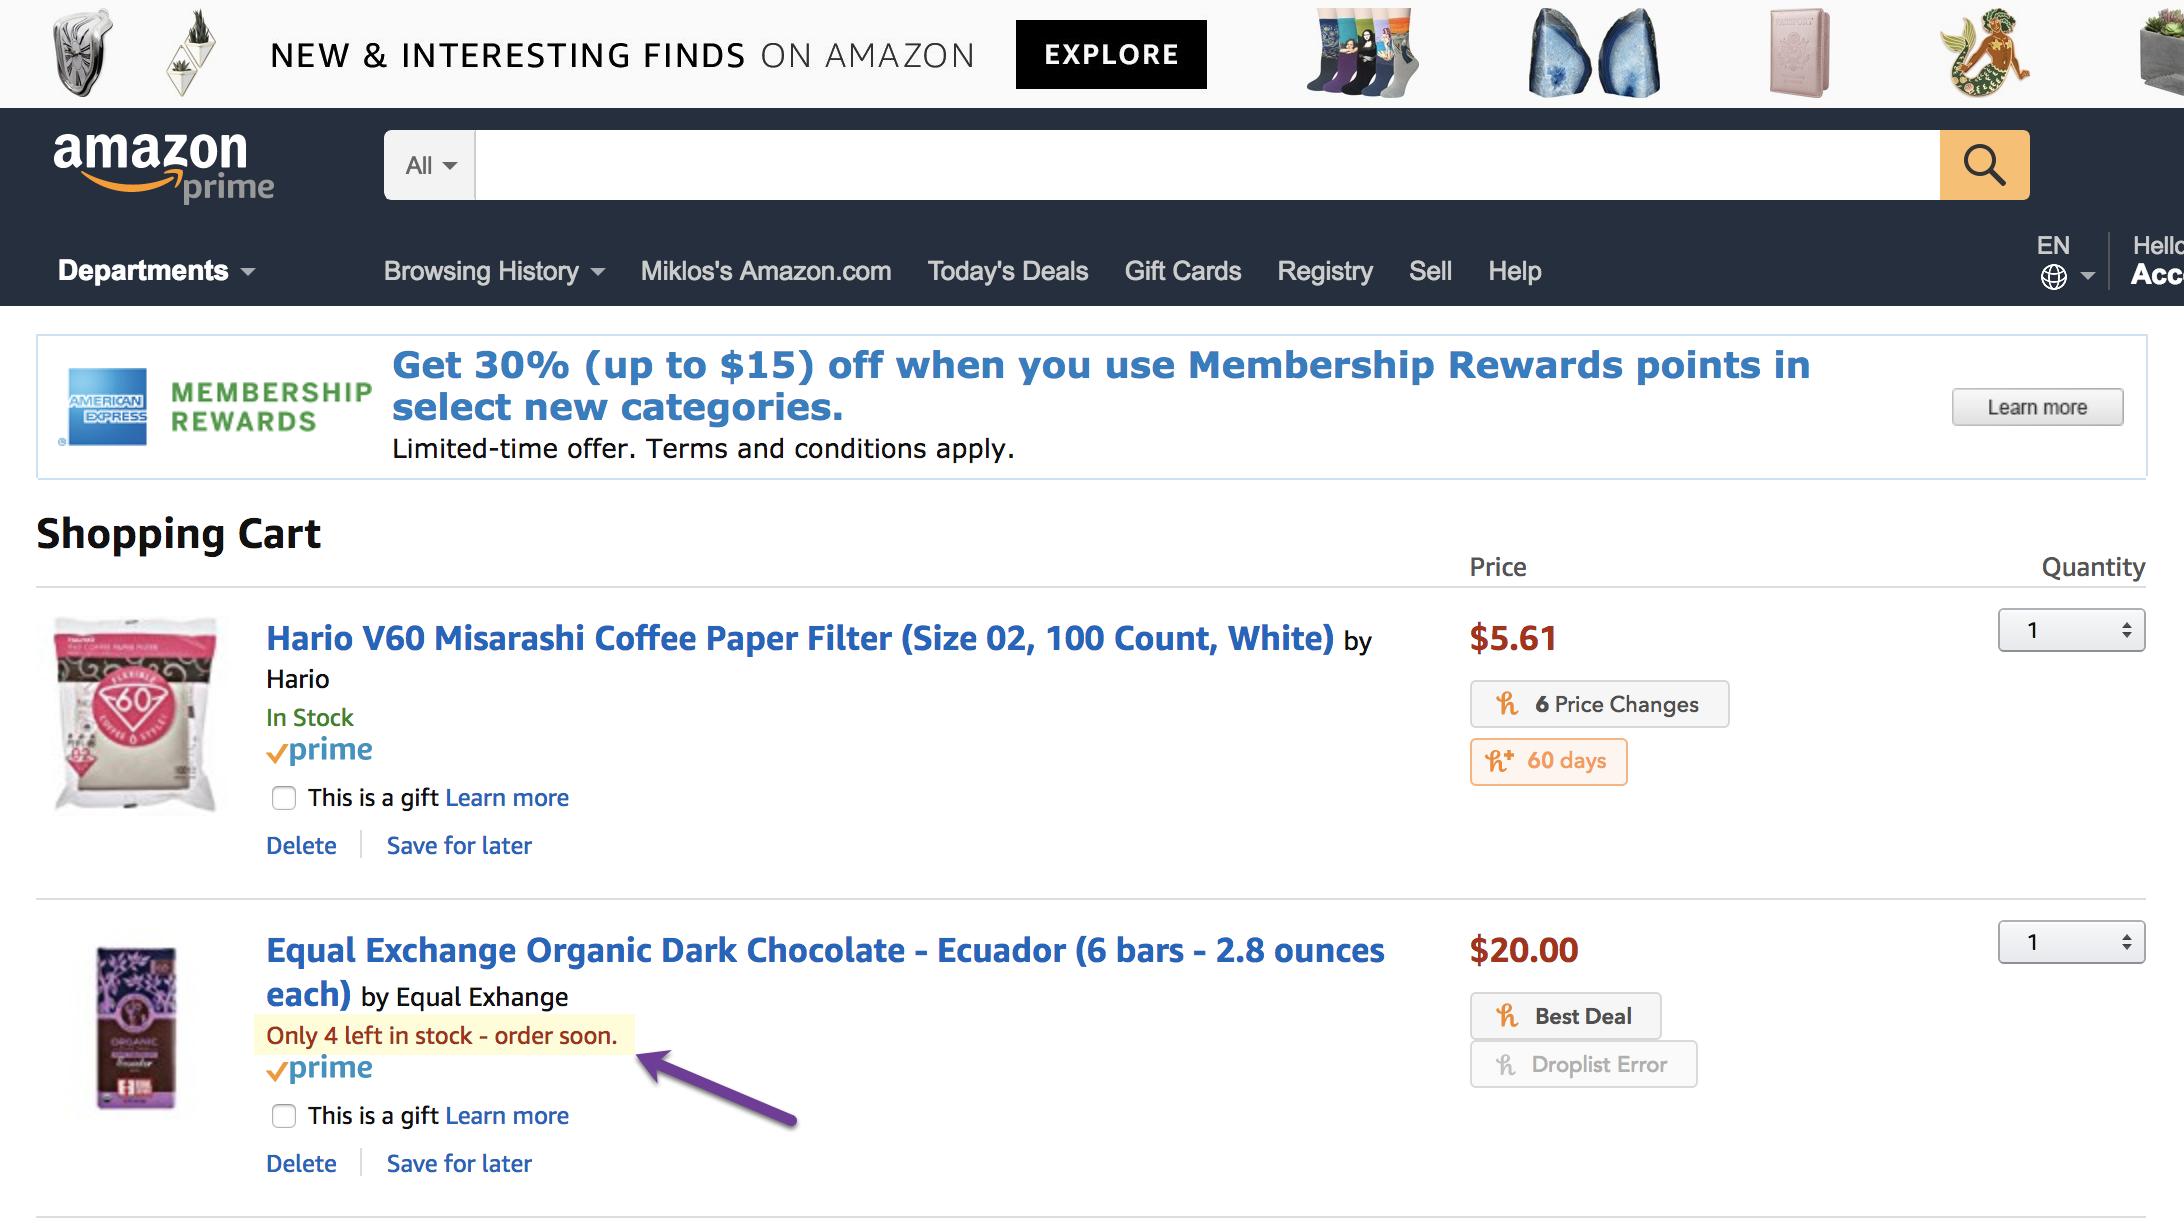 principio de escasez de Amazon ecommerce en acción